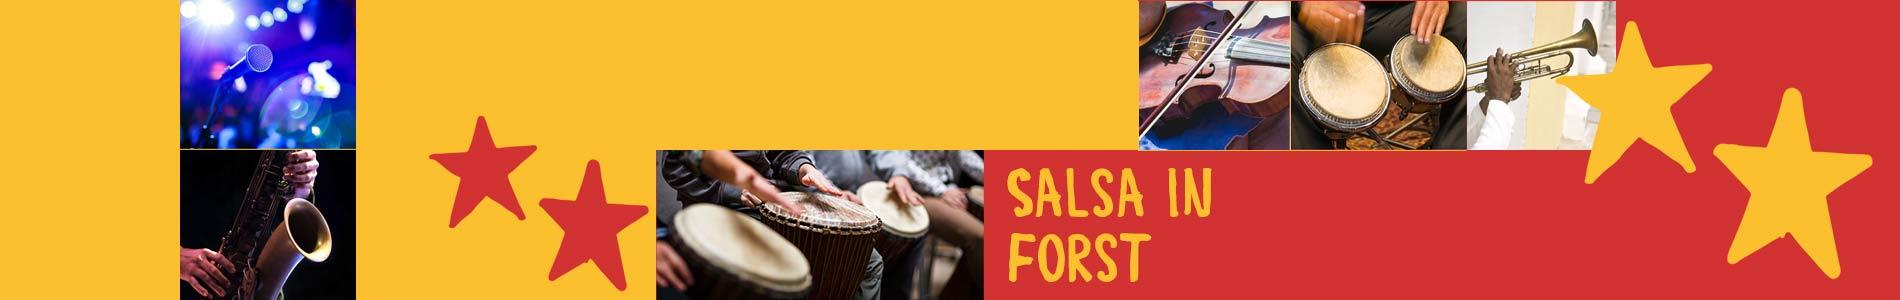 Salsa in Forst – Salsa lernen und tanzen, Tanzkurse, Partys, Veranstaltungen